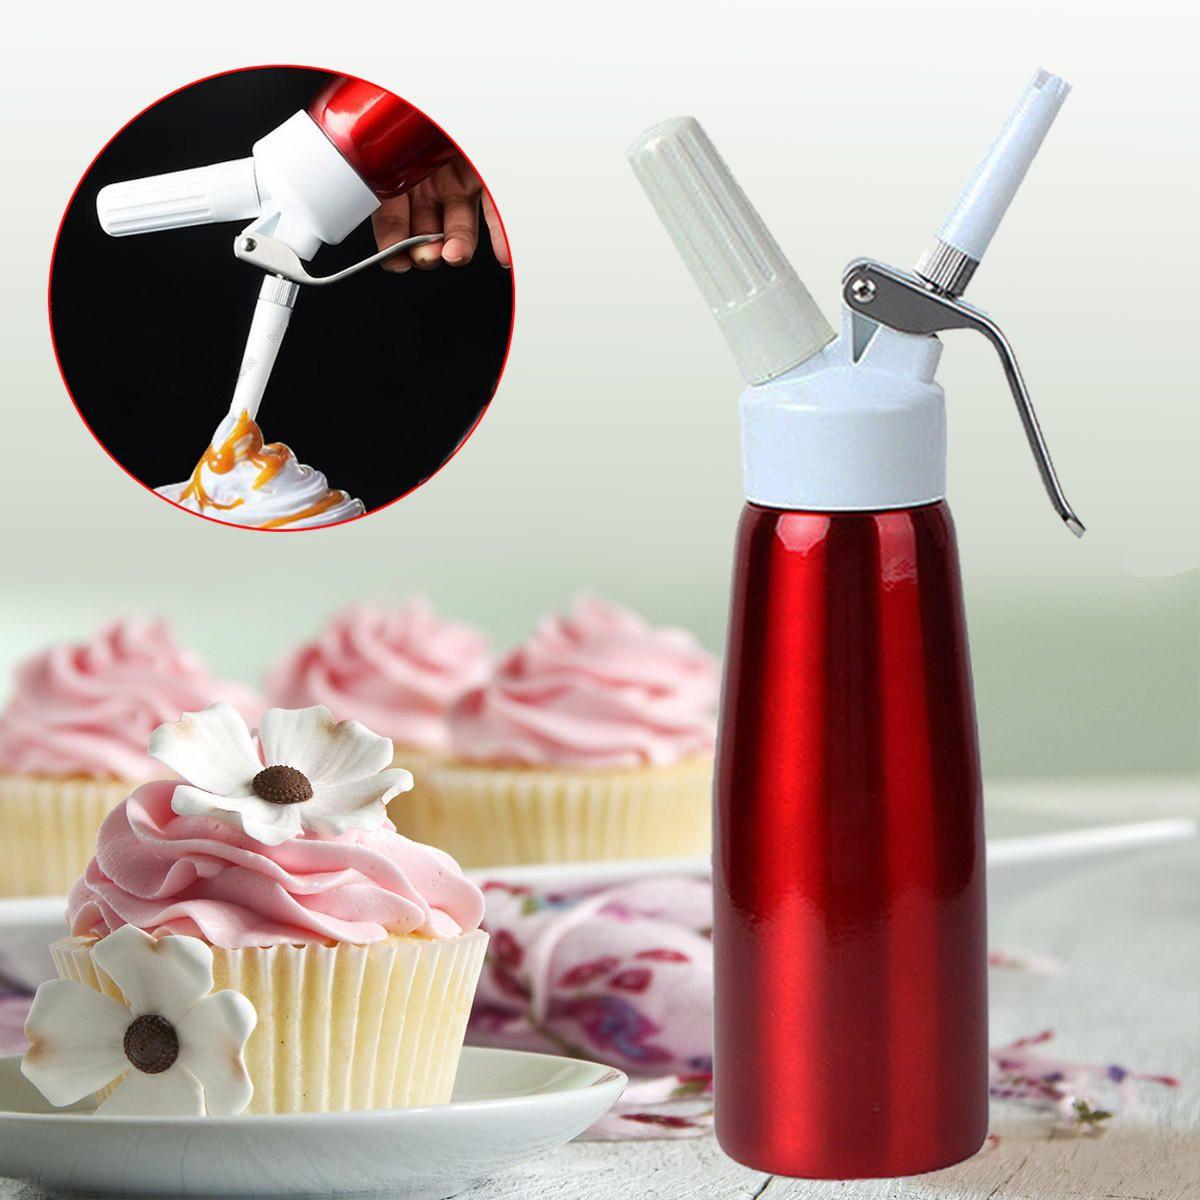 500ml Whip Coffee Dessert Fresh Cream Butter Dispenser Whipper Cake Maker Tool Cake Batter Dispenser